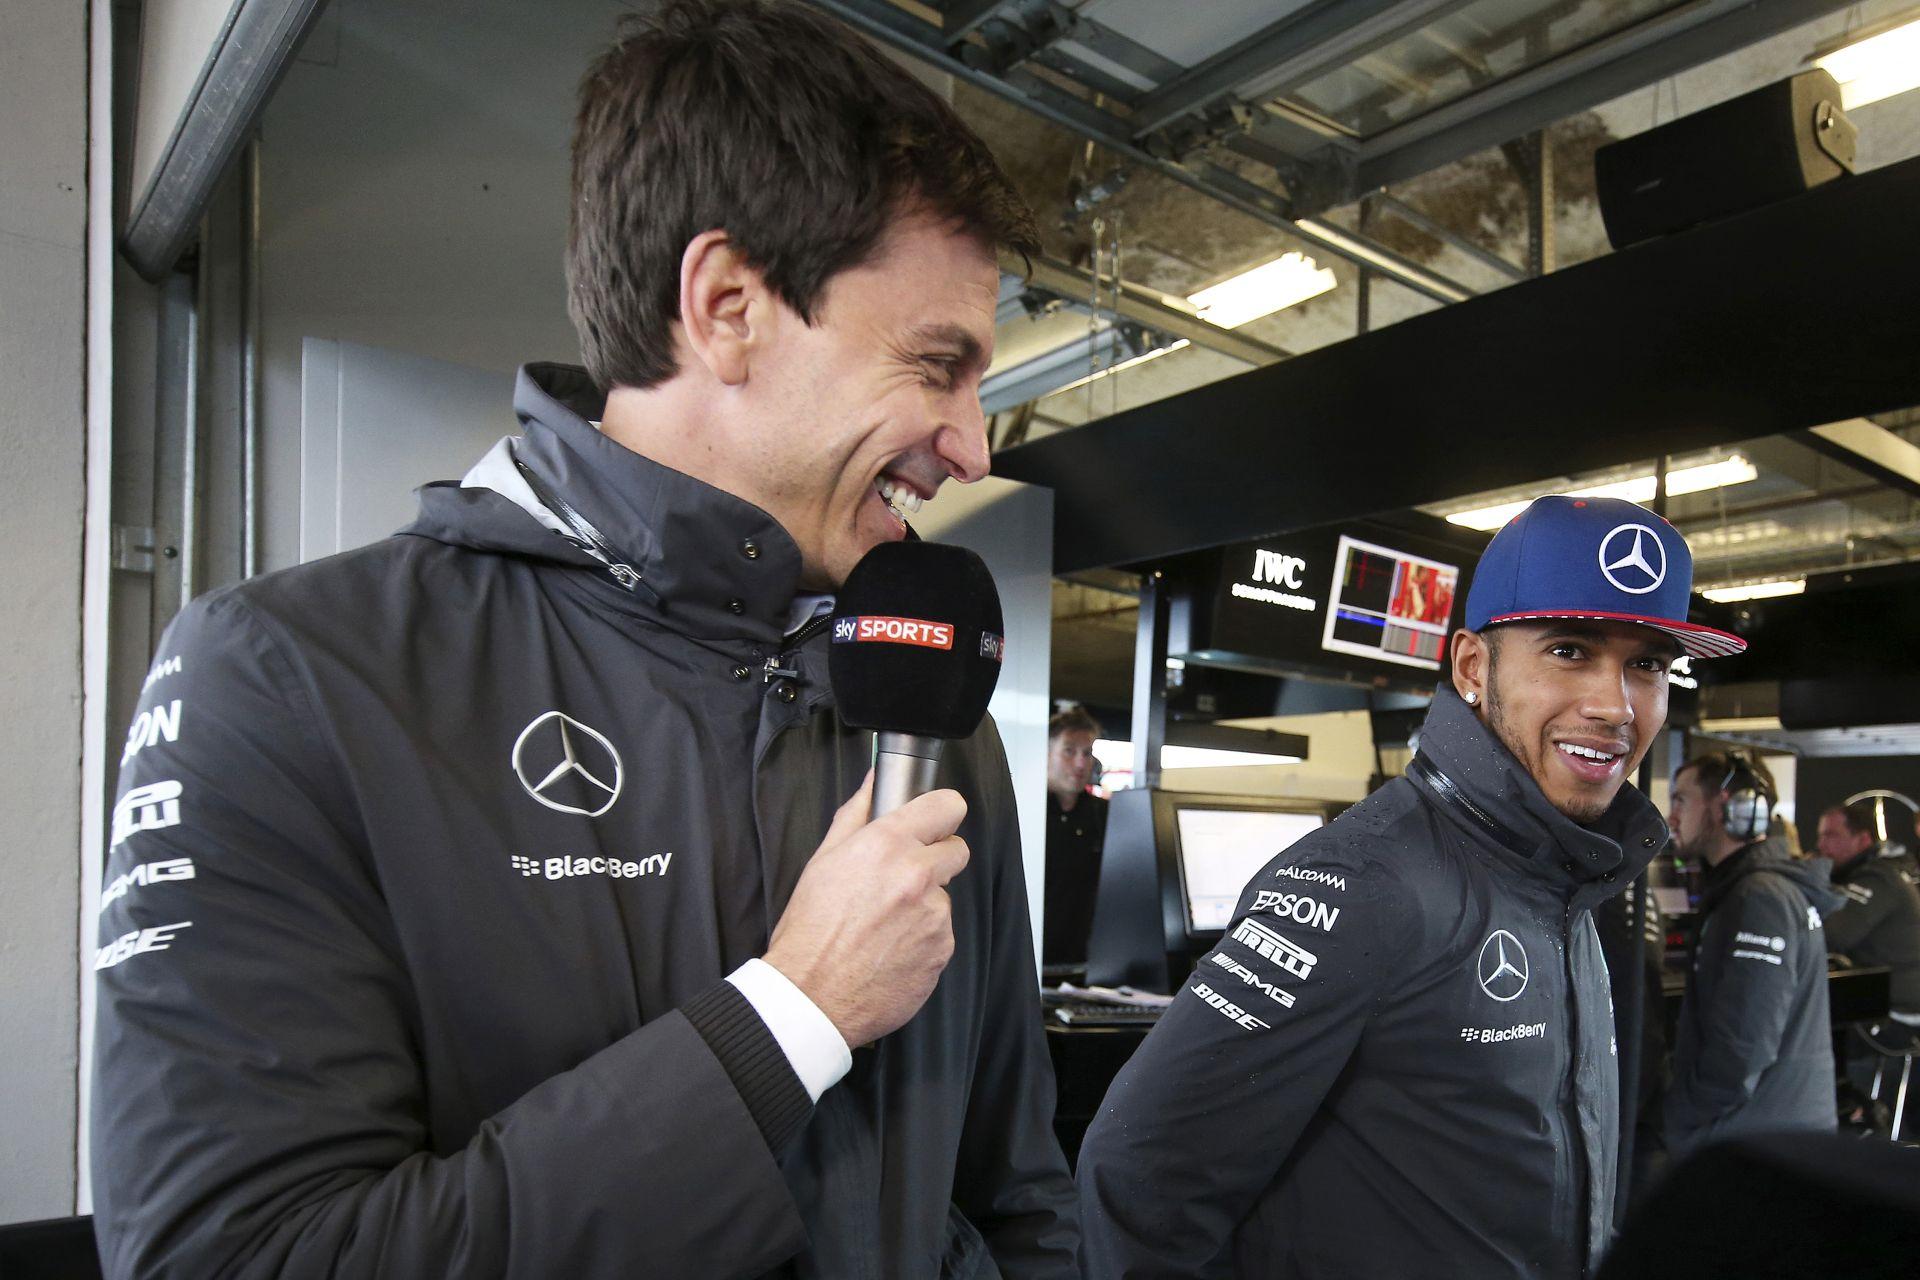 A Mercedes megérti, hogy Hamilton kérdőre vonta őket: versenyzők, nem robotok